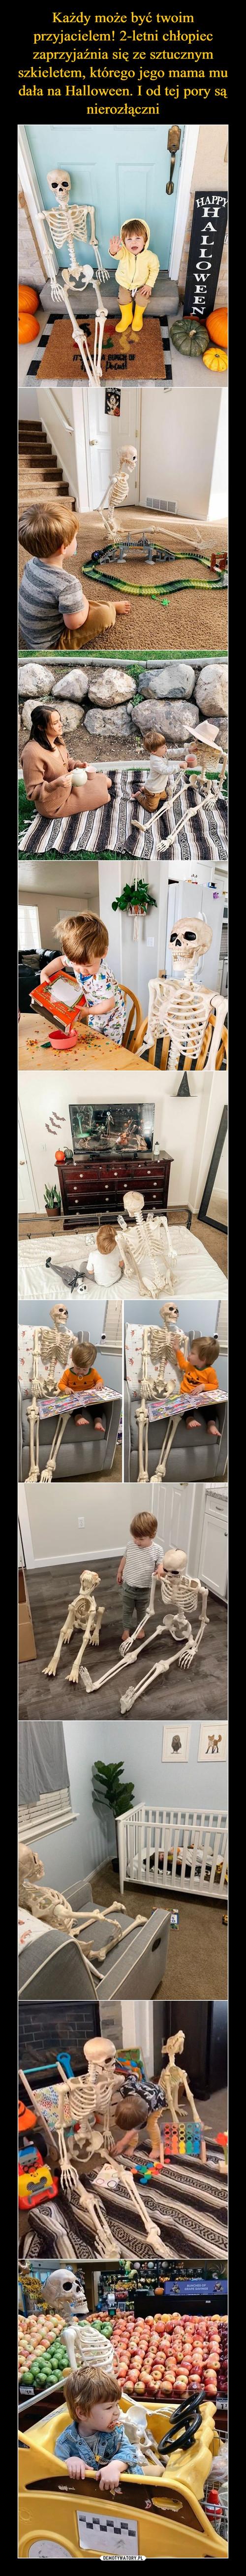 Każdy może być twoim przyjacielem! 2-letni chłopiec zaprzyjaźnia się ze sztucznym szkieletem, którego jego mama mu dała na Halloween. I od tej pory są nierozłączni